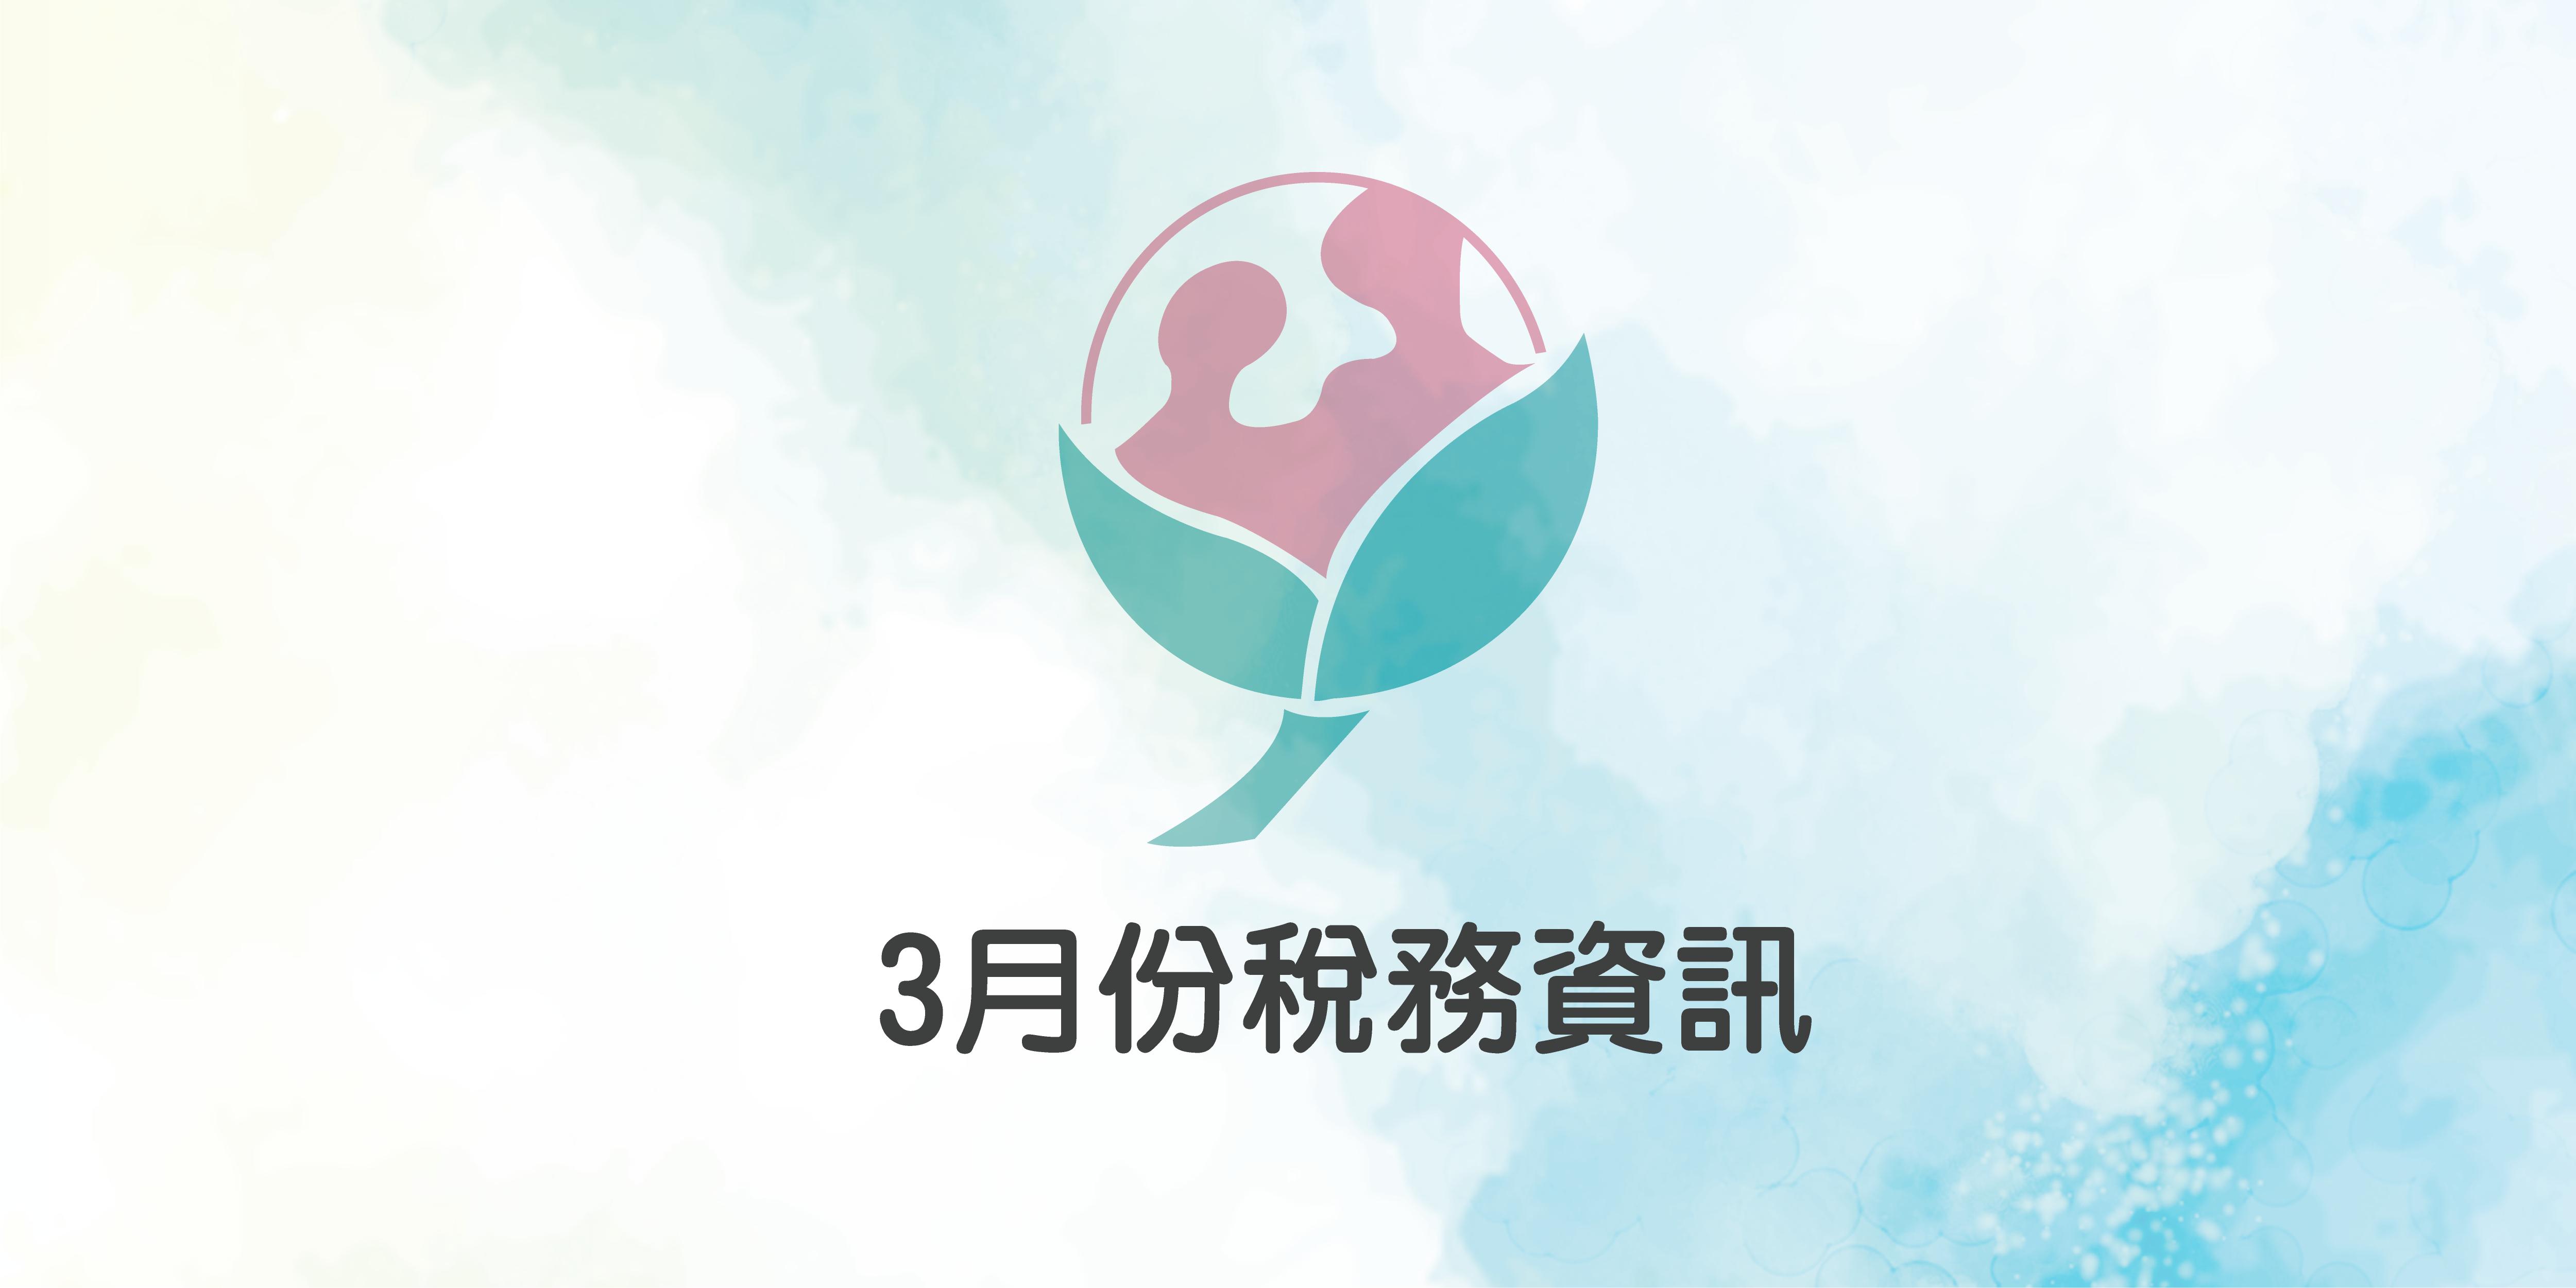 【稅務資訊】3月份臺北市稅捐稽徵處南港分處提醒您~ 代表圖